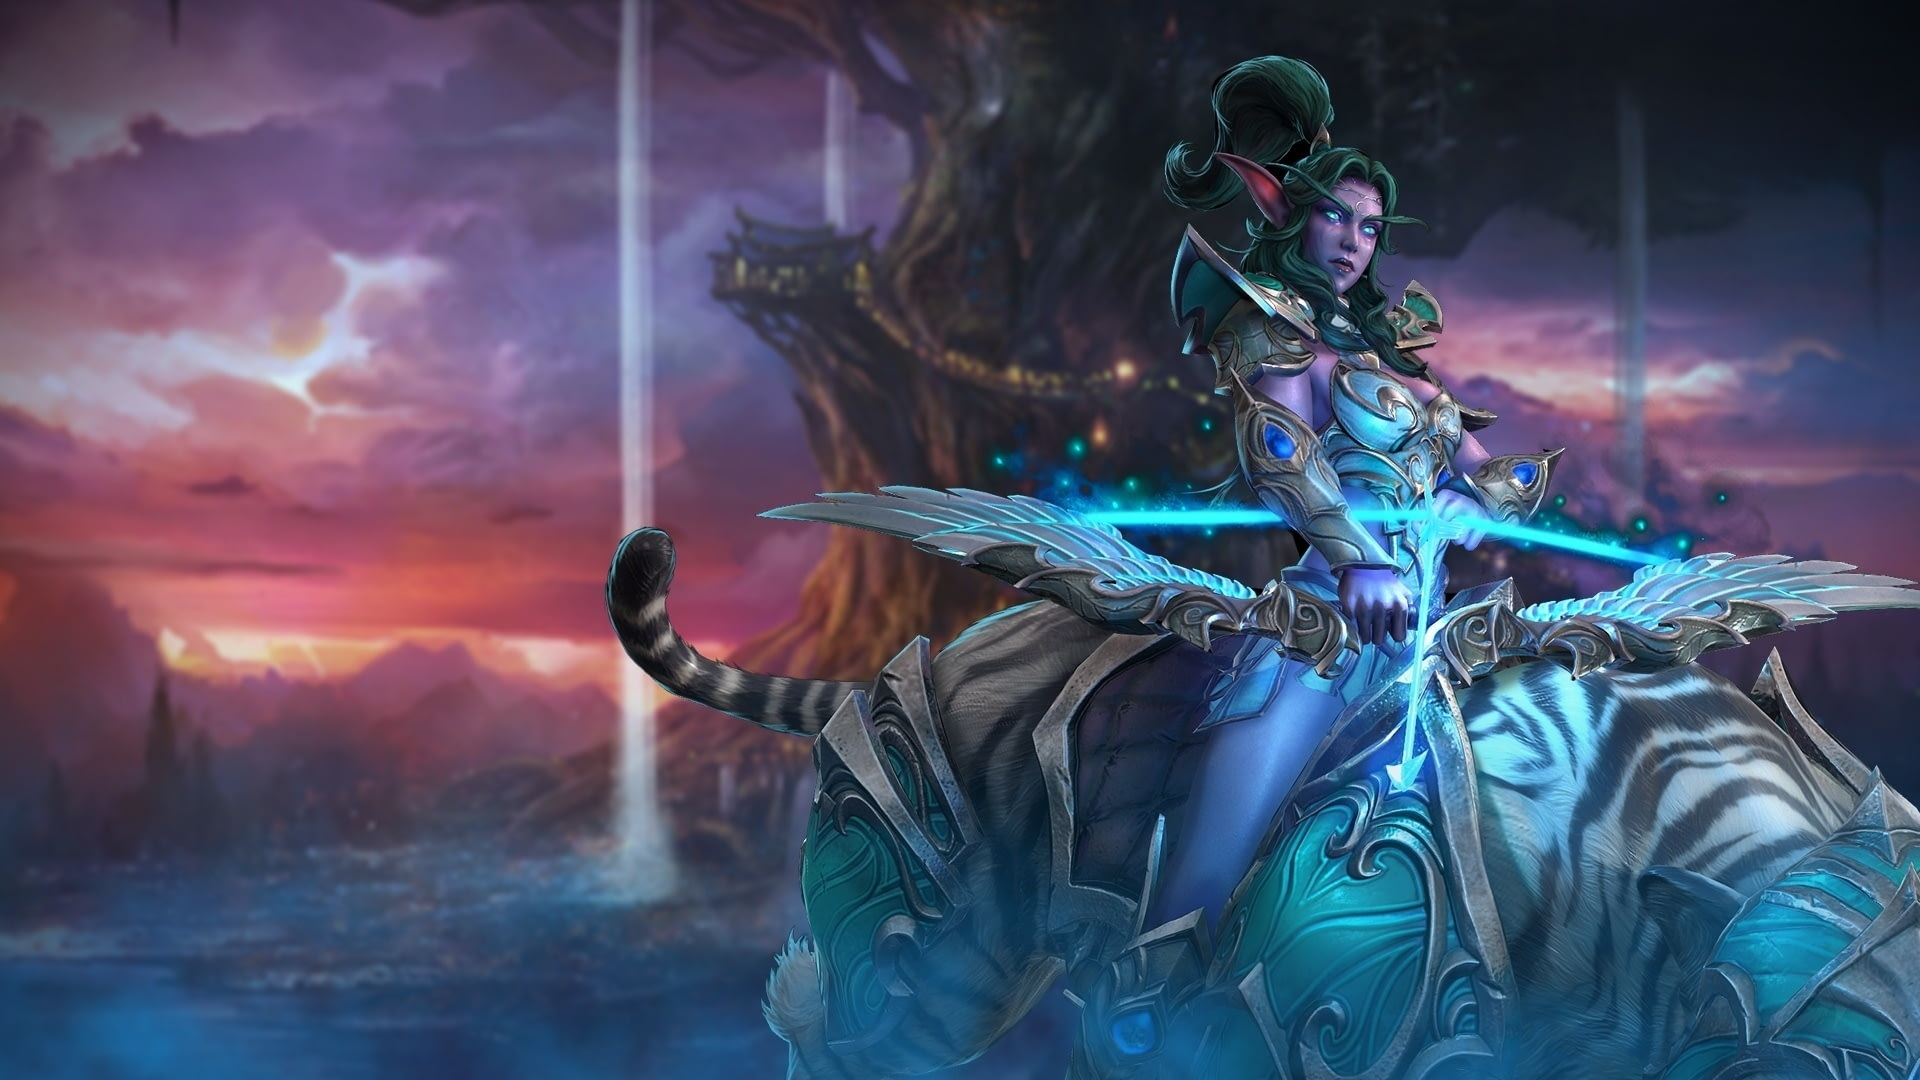 Утечка: обои, меню, интерфейс и иконки Warcraft III: Reforged 3